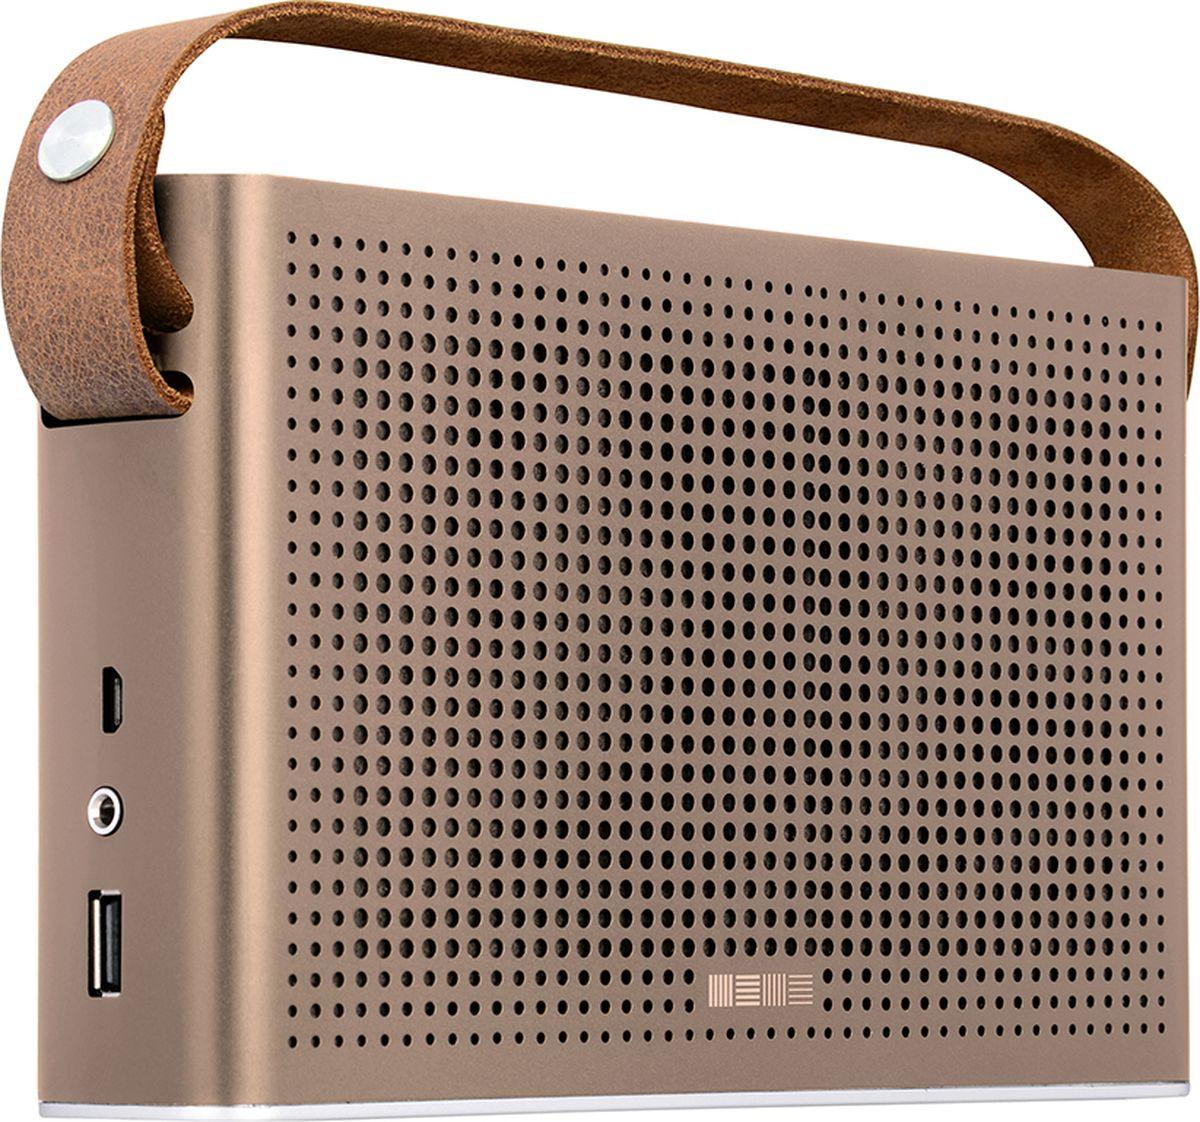 Interstep SBS-230, Metal Bronz портативная акустическая системаIS-LS-SBS230MBR-000B201Interstep SBS-230 - это полнофункциональная аудиосистема, которая отличается высоким качеством звучания и совместима с большинством мультимедийных и аудиоустройств. Акустика оснащена стандартным аудиовходом мини-джек 3,5 мм, интерфейсом Bluethoot и FM-тюнером. На верхней грани корпуса расположилась удобная панель управления. Литий-ионный аккумулятор емкостью 4400 мАч позволяет наслаждаться качественным звуком до 9 часов без подзарядки. Interstep SBS-230 можно использовать в качестве PowerBanka.